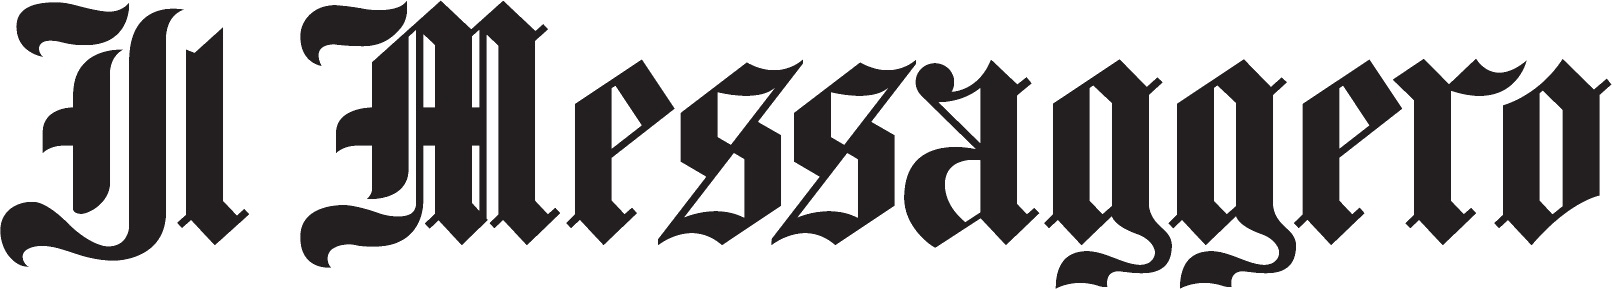 Il_Messaggero_logo